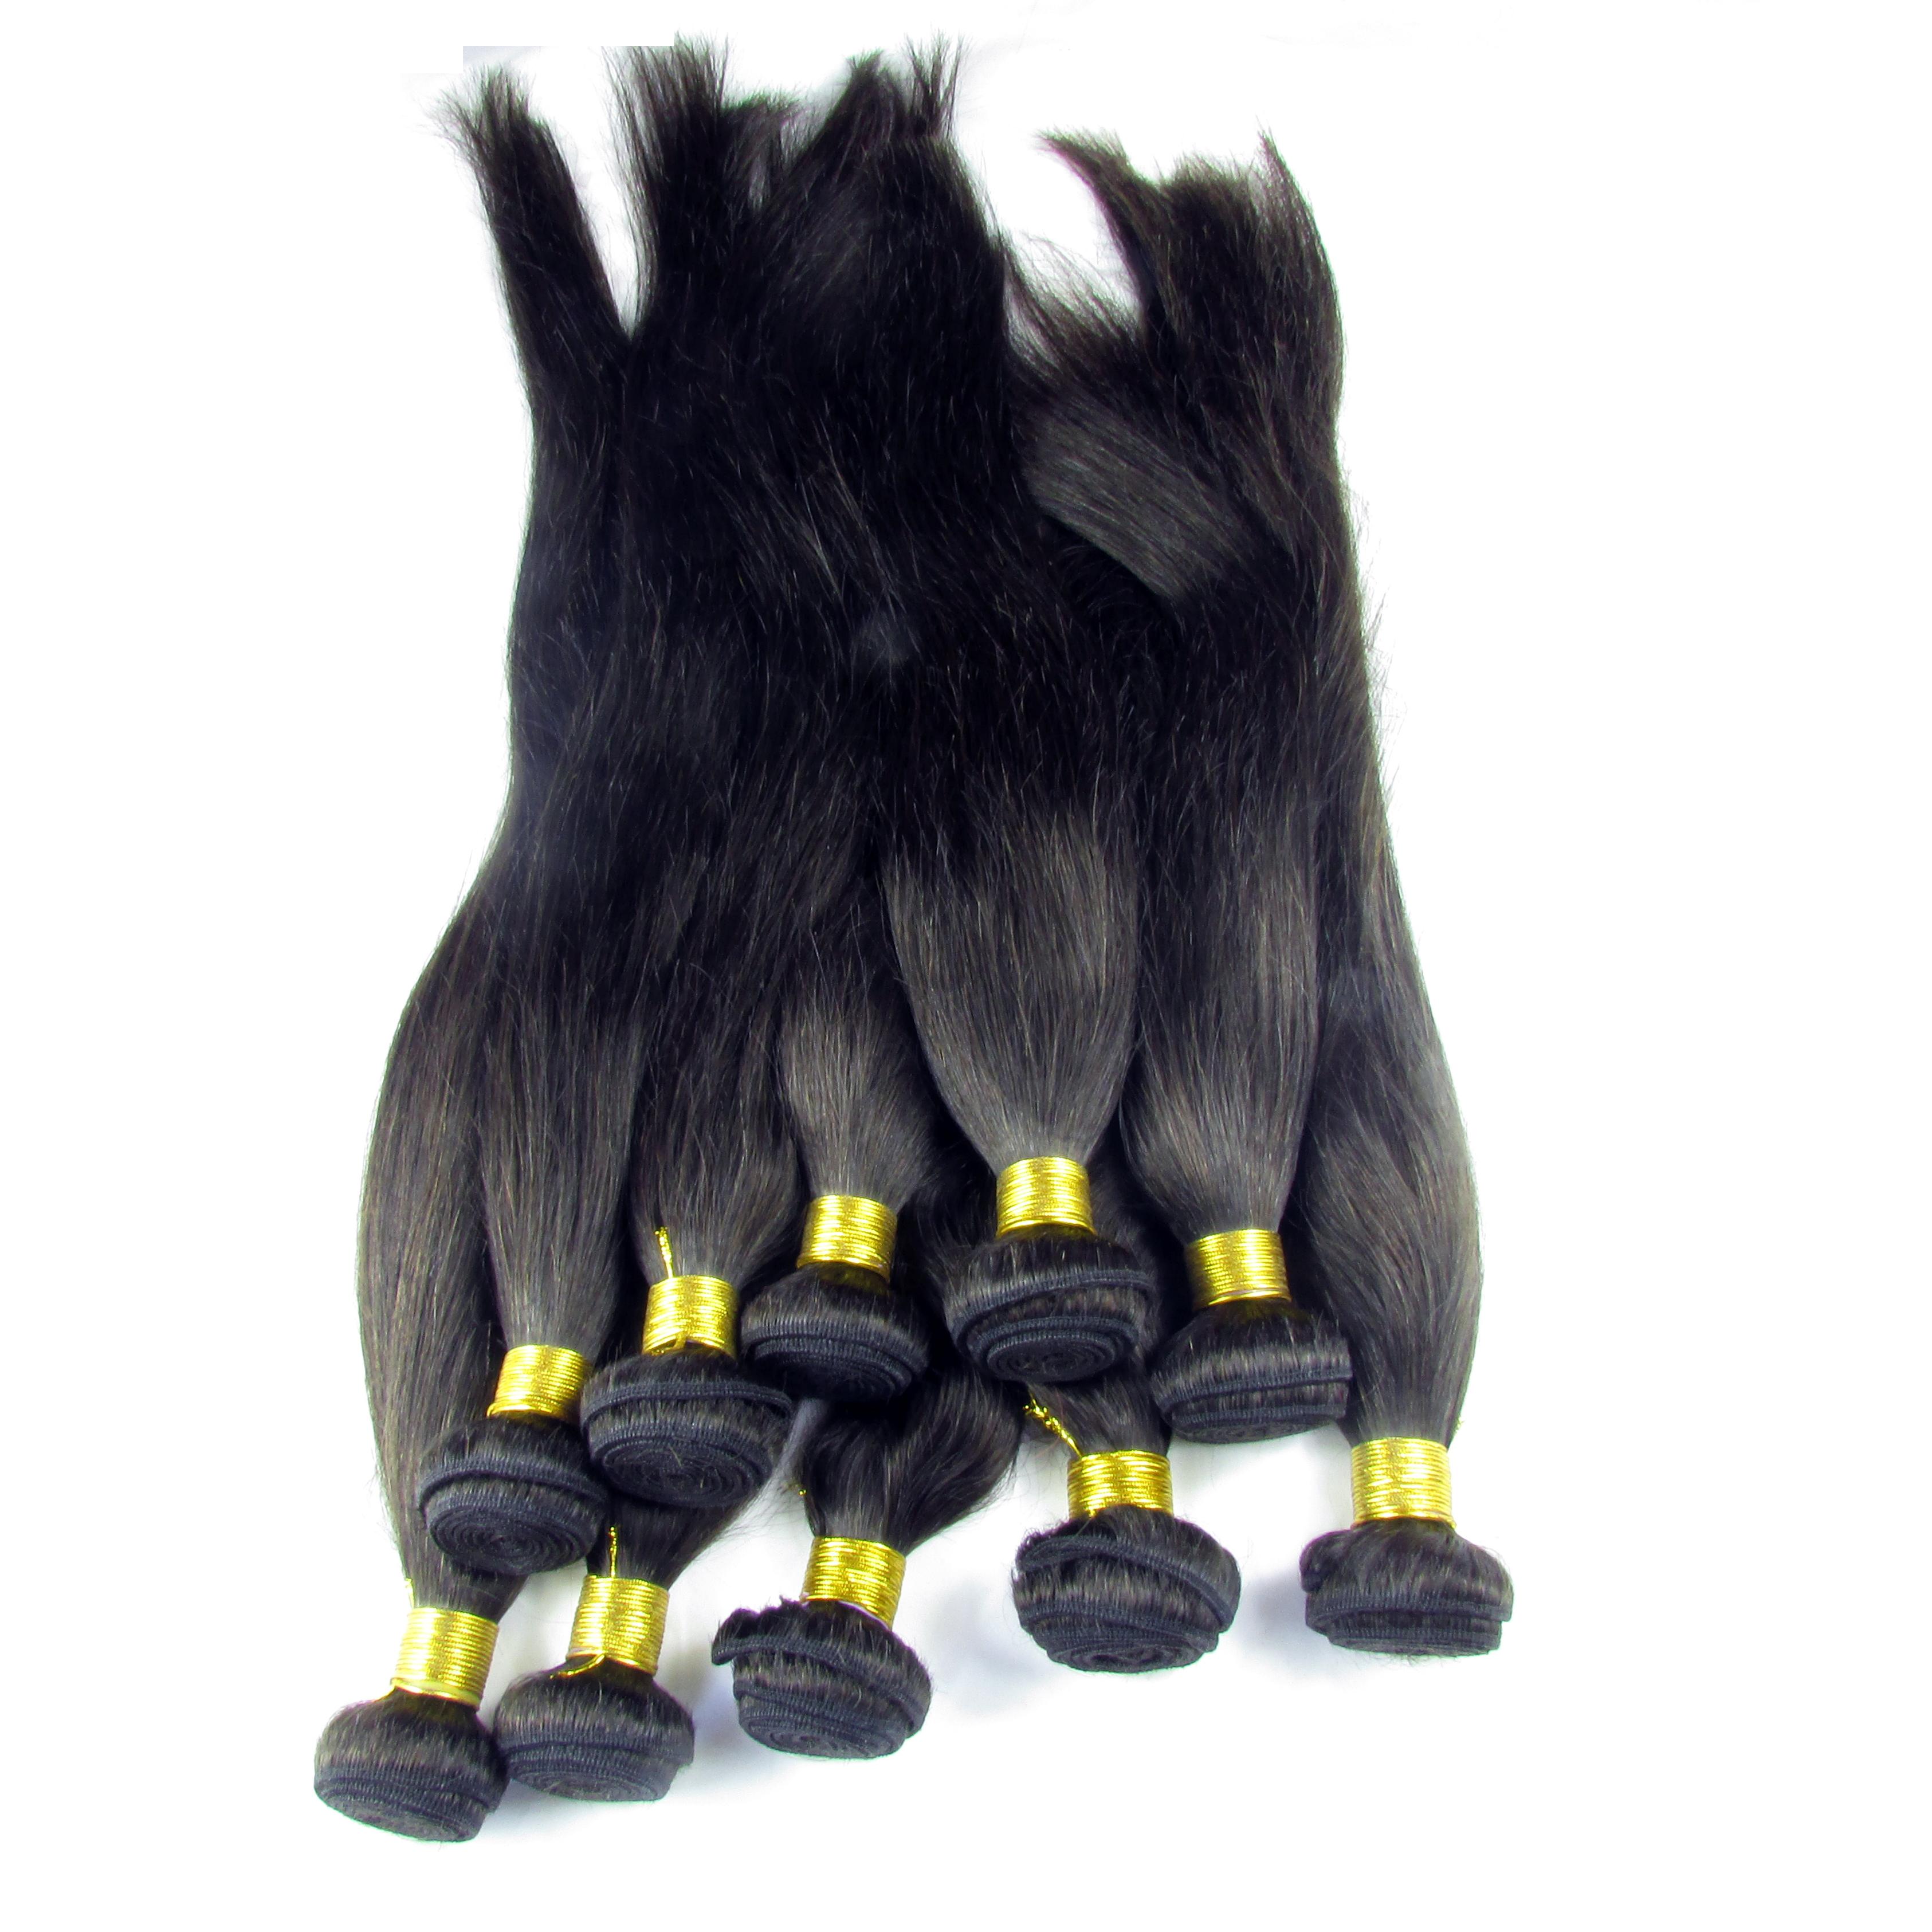 Us 310 12a Best Quanlity Unprocessed Hair Extension 10pcs Lot